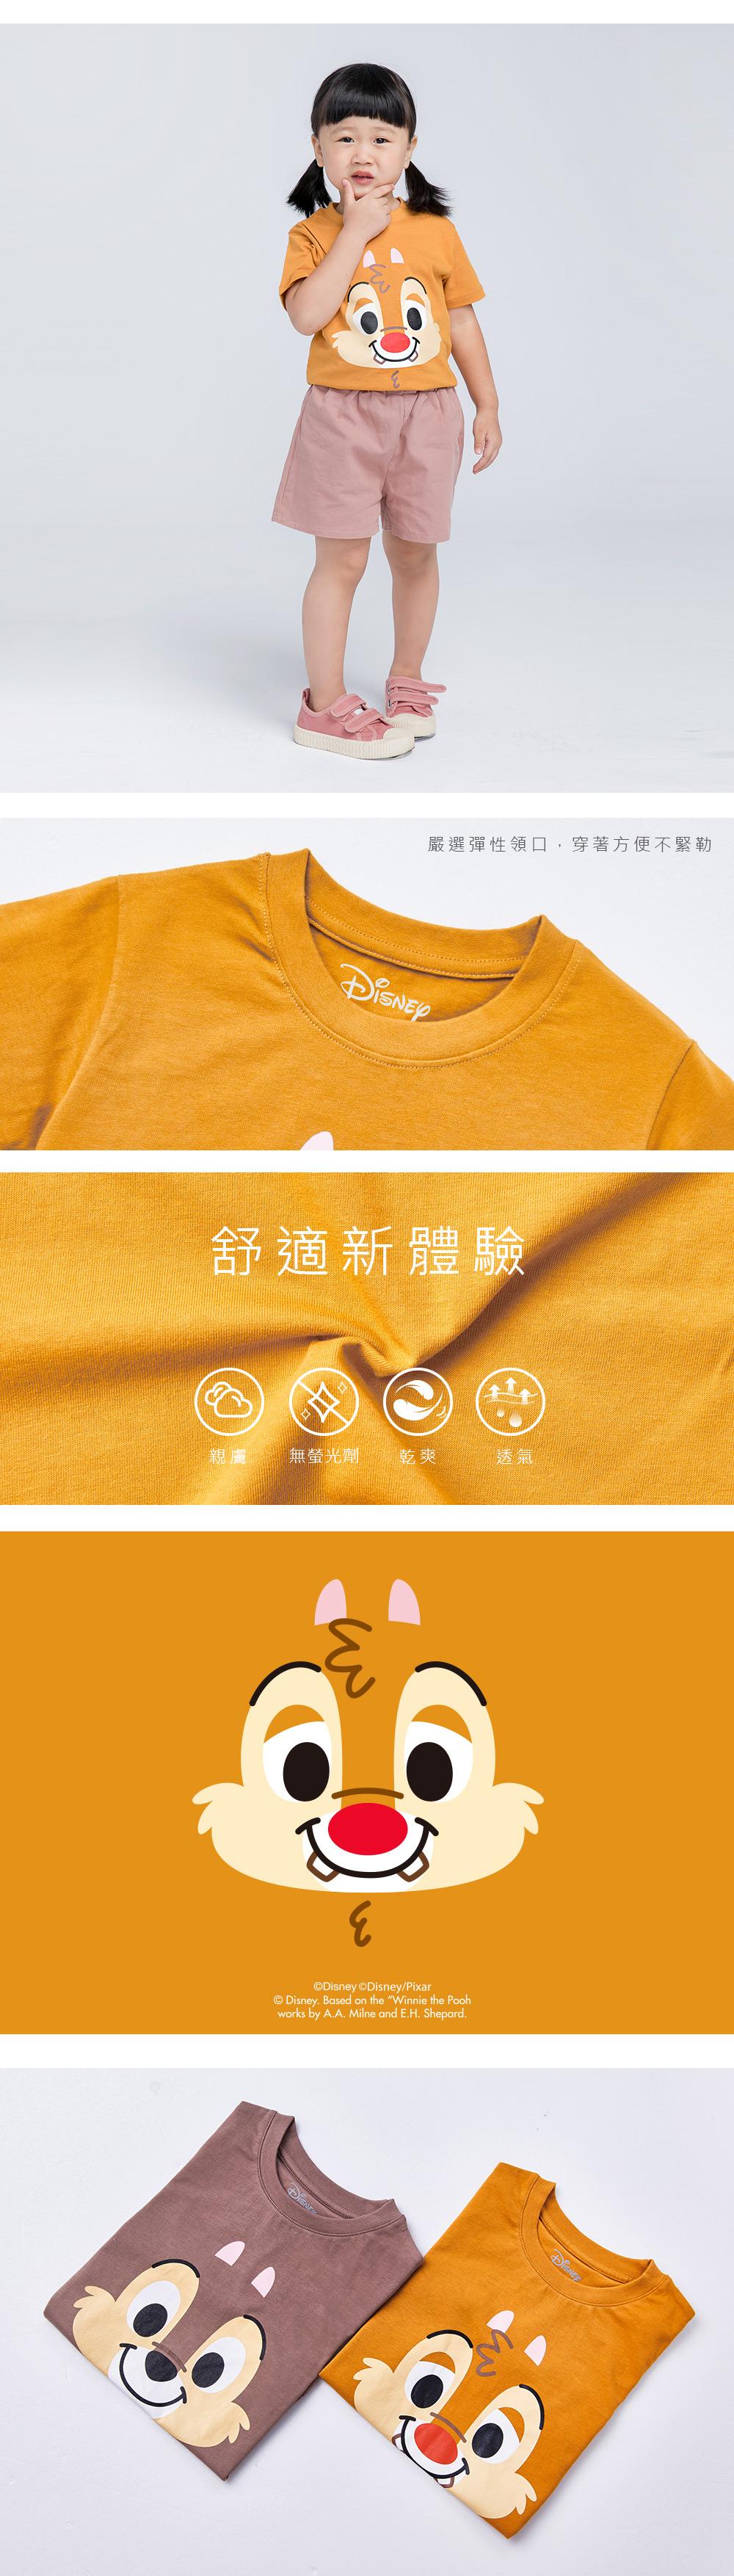 奇奇與蒂蒂系列短袖上衣(童)-02